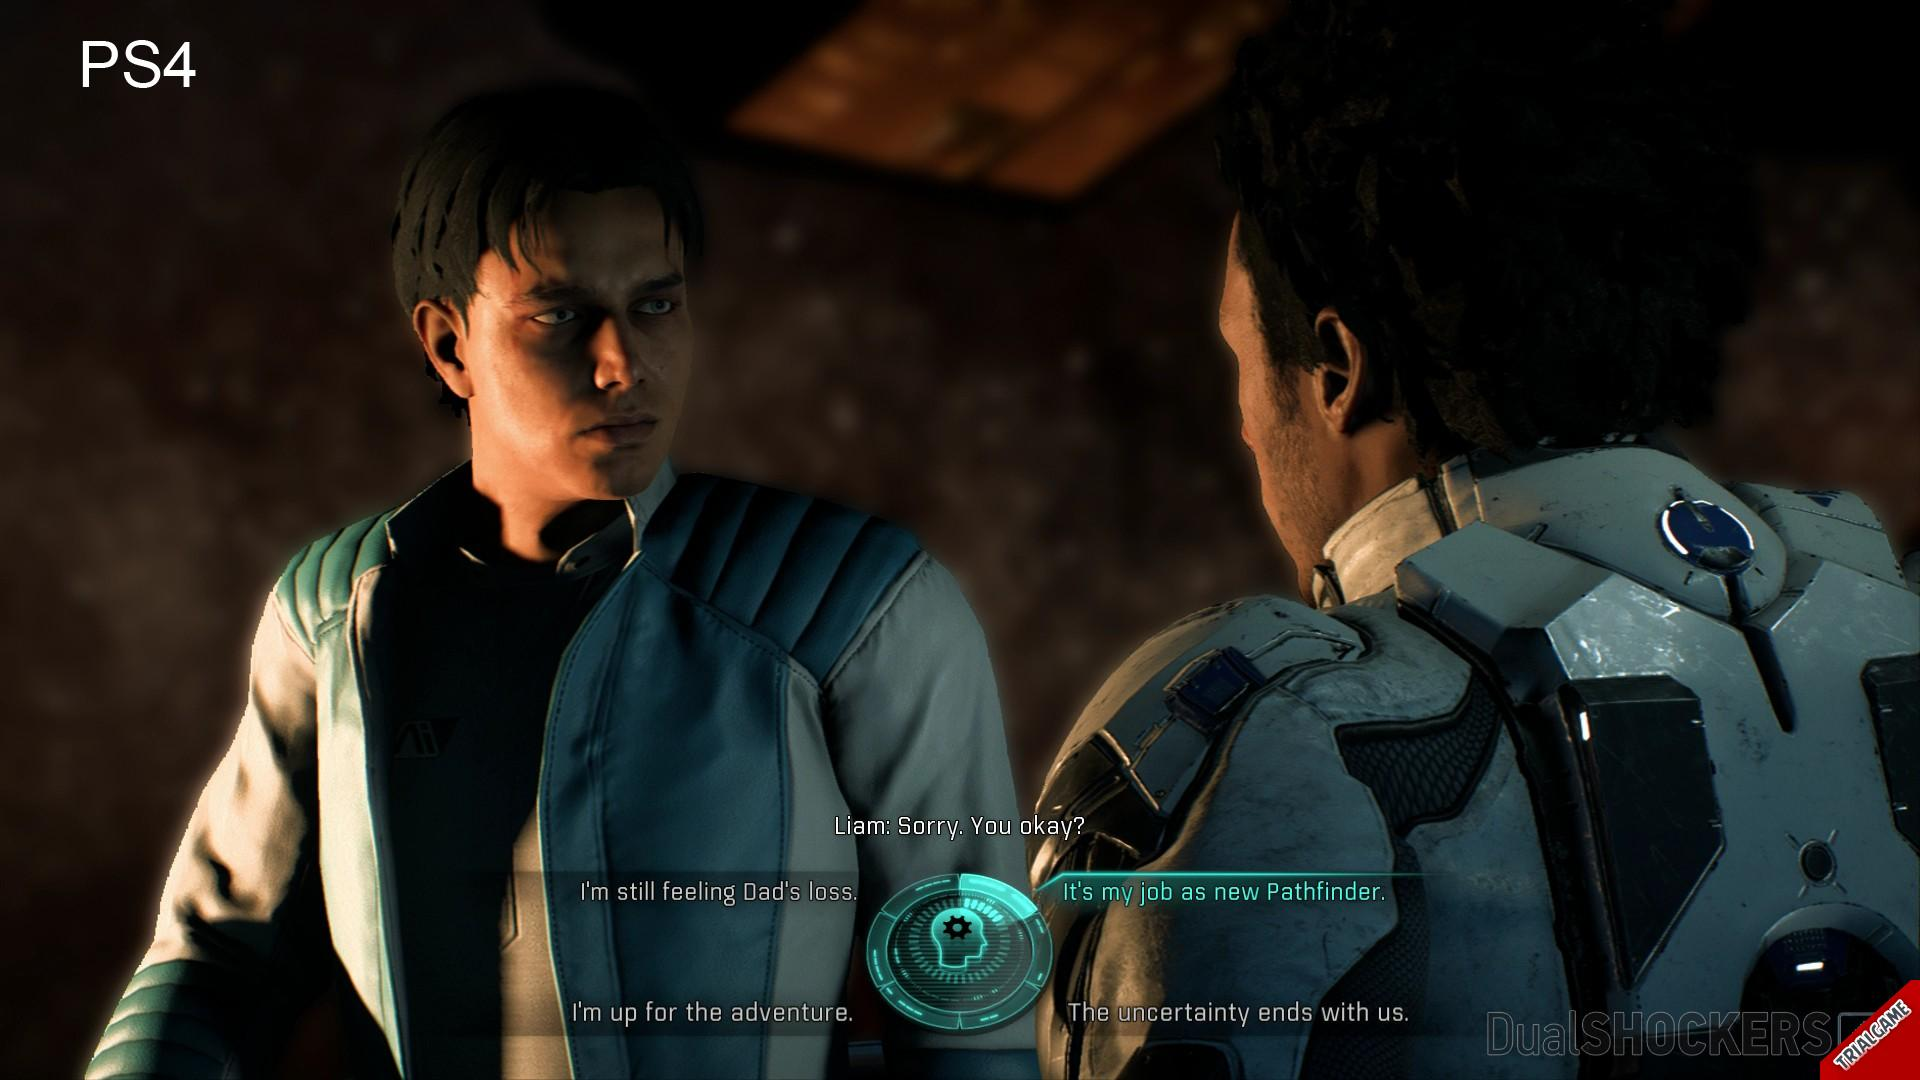 تصاویری از محیط بازی Mass Effect Andromeda